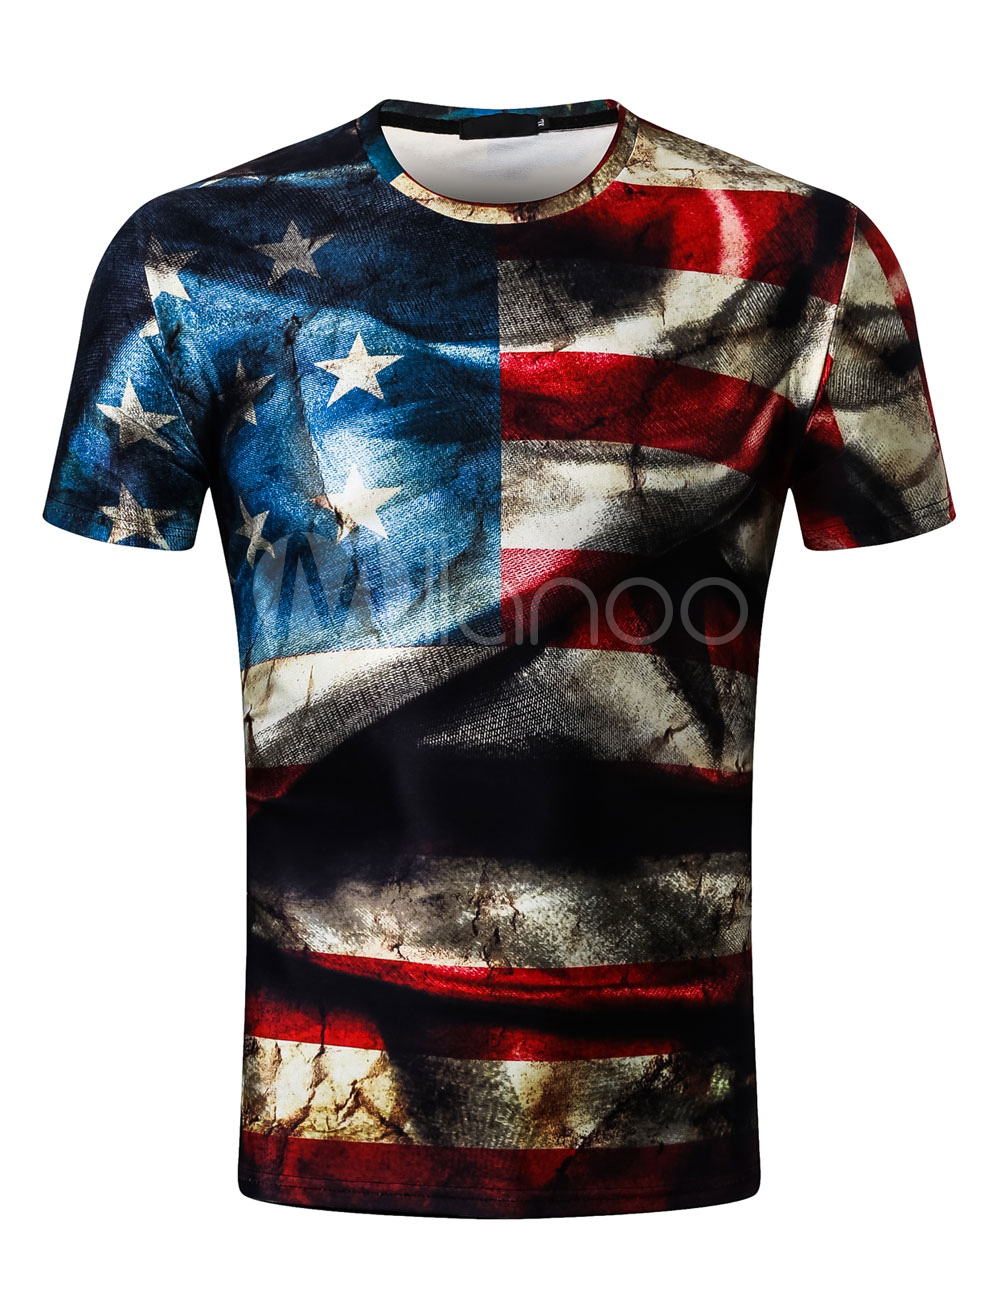 Buy Men Short Sleeve T Shirt American Flag Print Regular Fit Patriotic T Shirt for $11.69 in Milanoo store